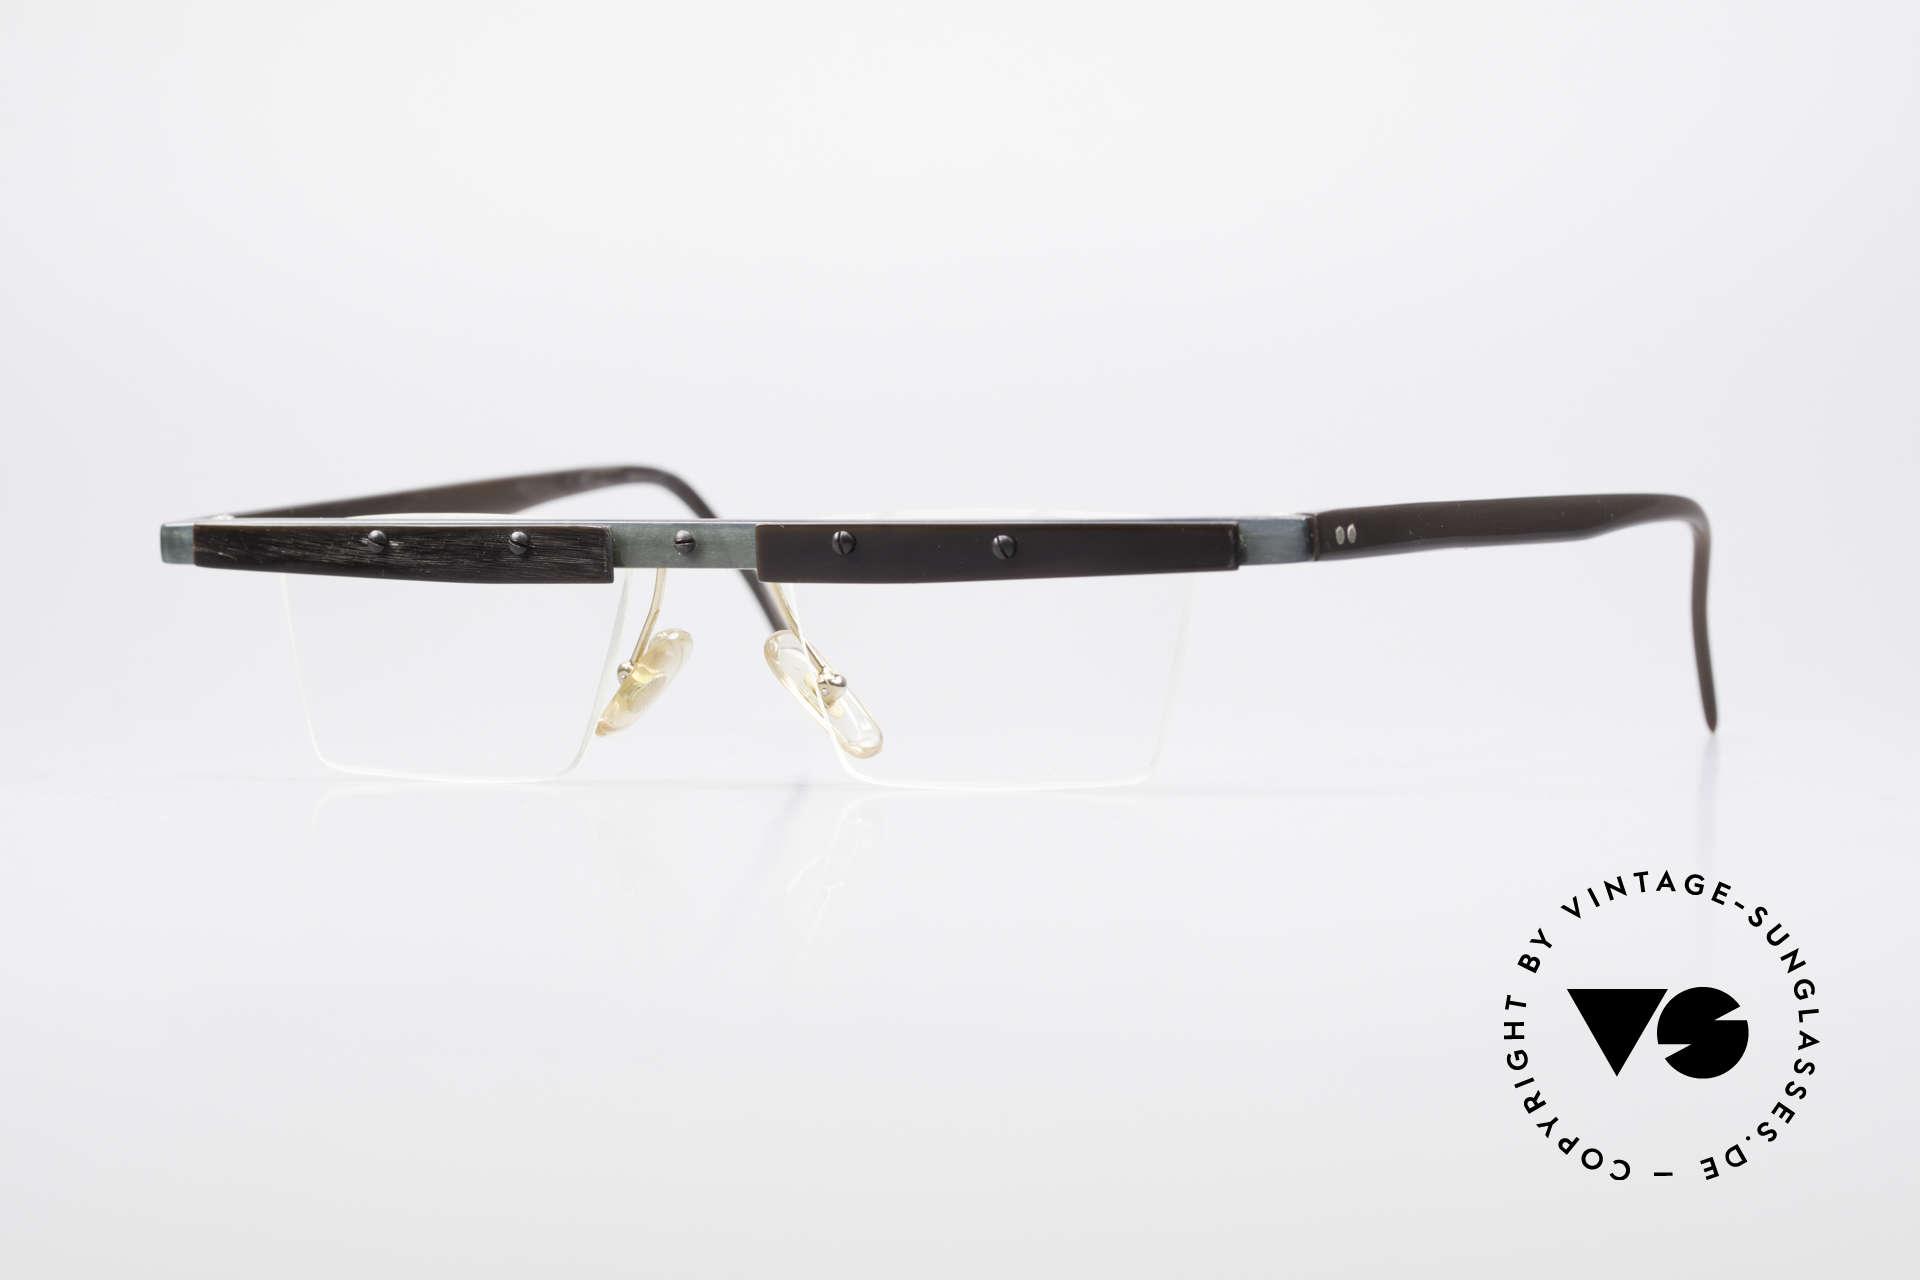 Theo Belgium Lambeta Büffelhorn Brillenfassung, Theo Belgium: die eigenwilligste Brillenmarke, weltweit, Passend für Herren